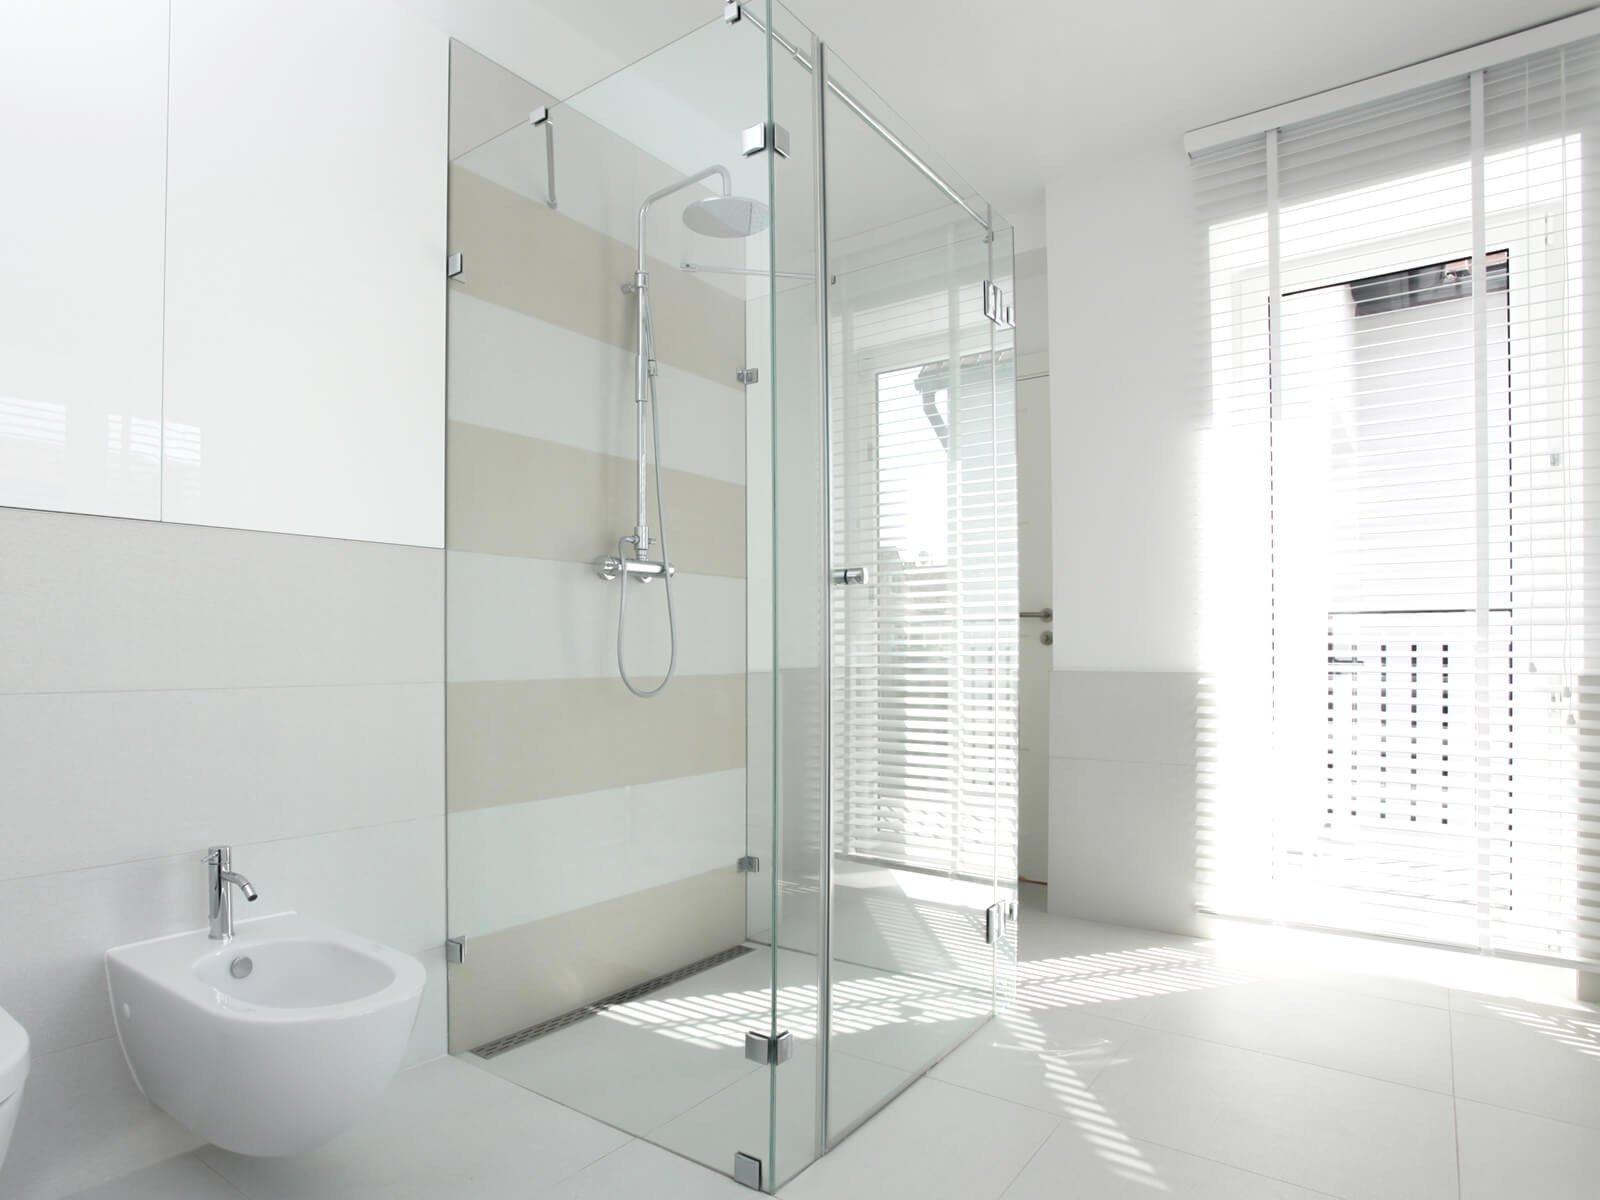 Duschkabine Glas U-Form mit drei Festteilen und einer Tür